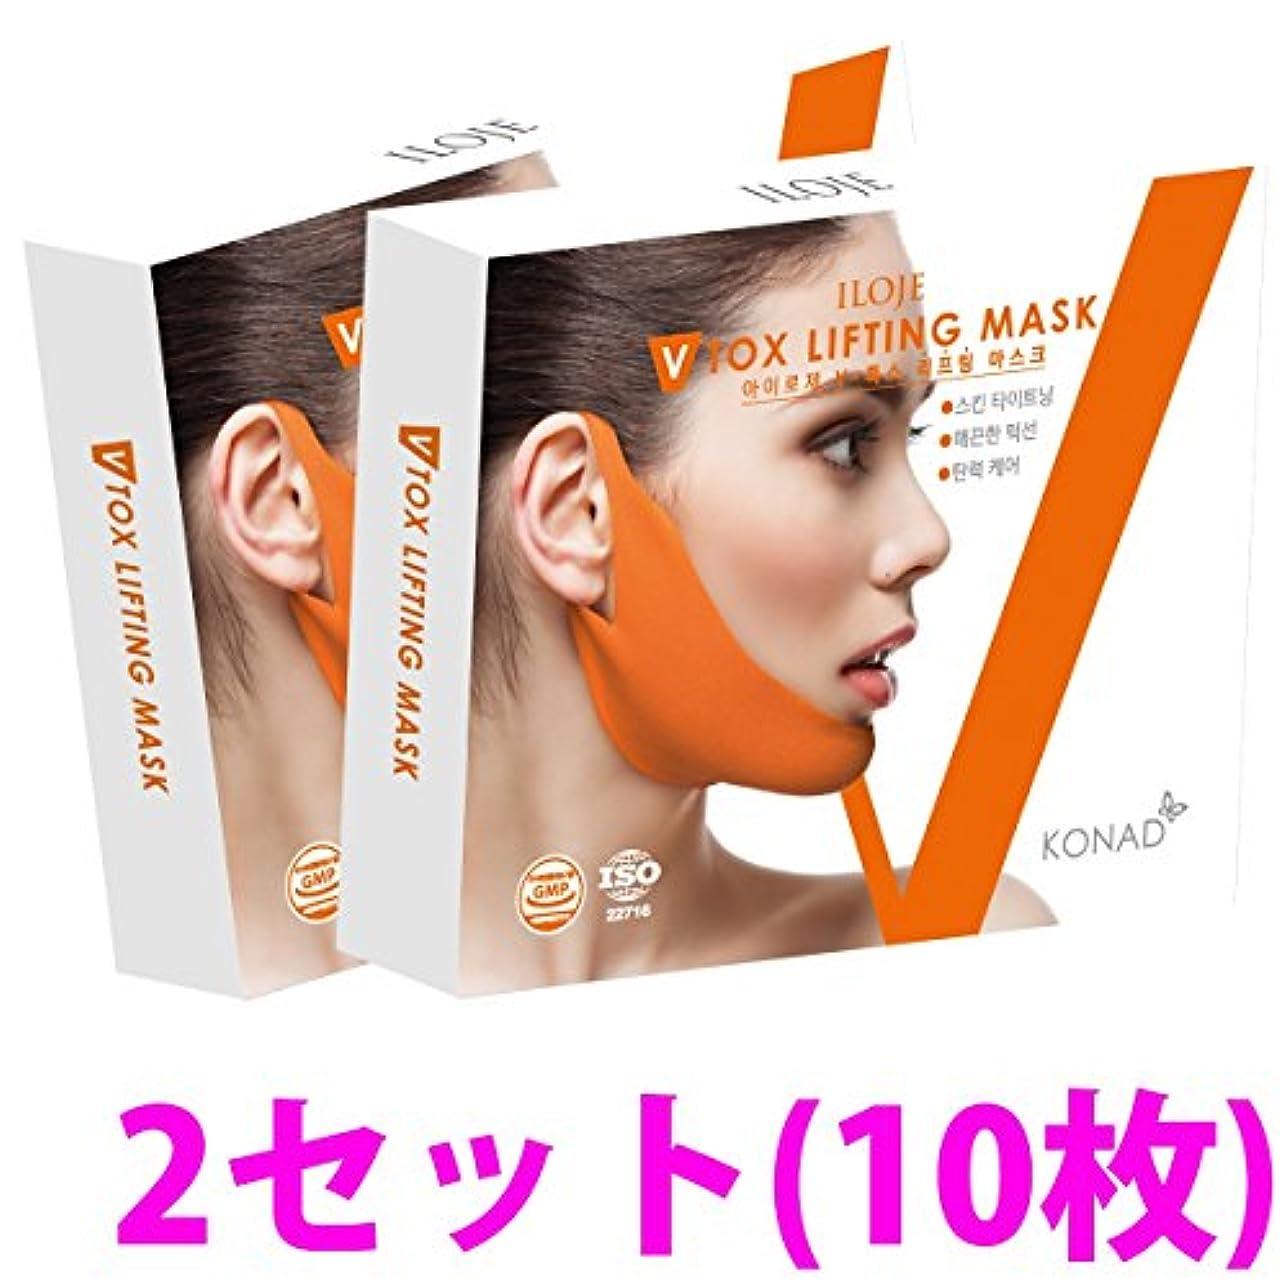 ミサイルモザイク突撃女性の年齢は顎の輪郭で決まる!V-TOXリフティングマスクパック 2セット(10枚)